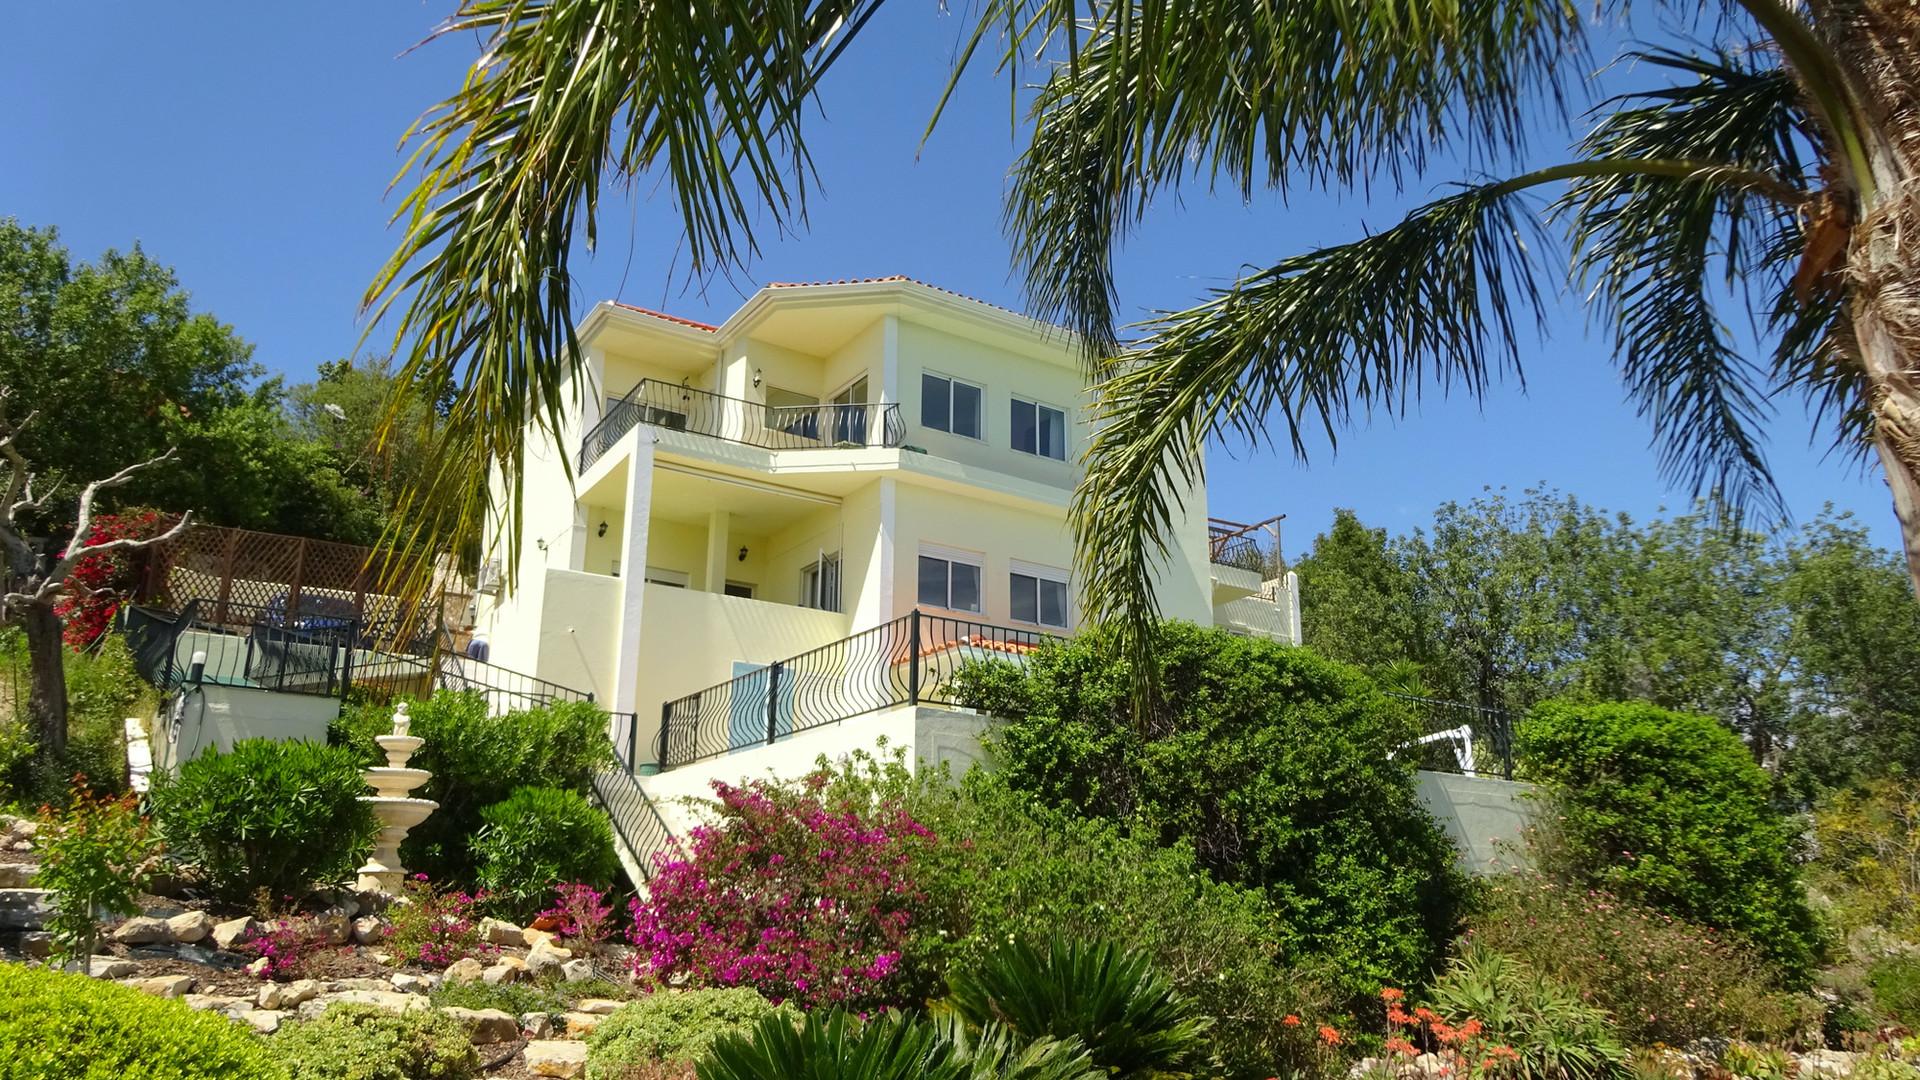 Villa from tarrace